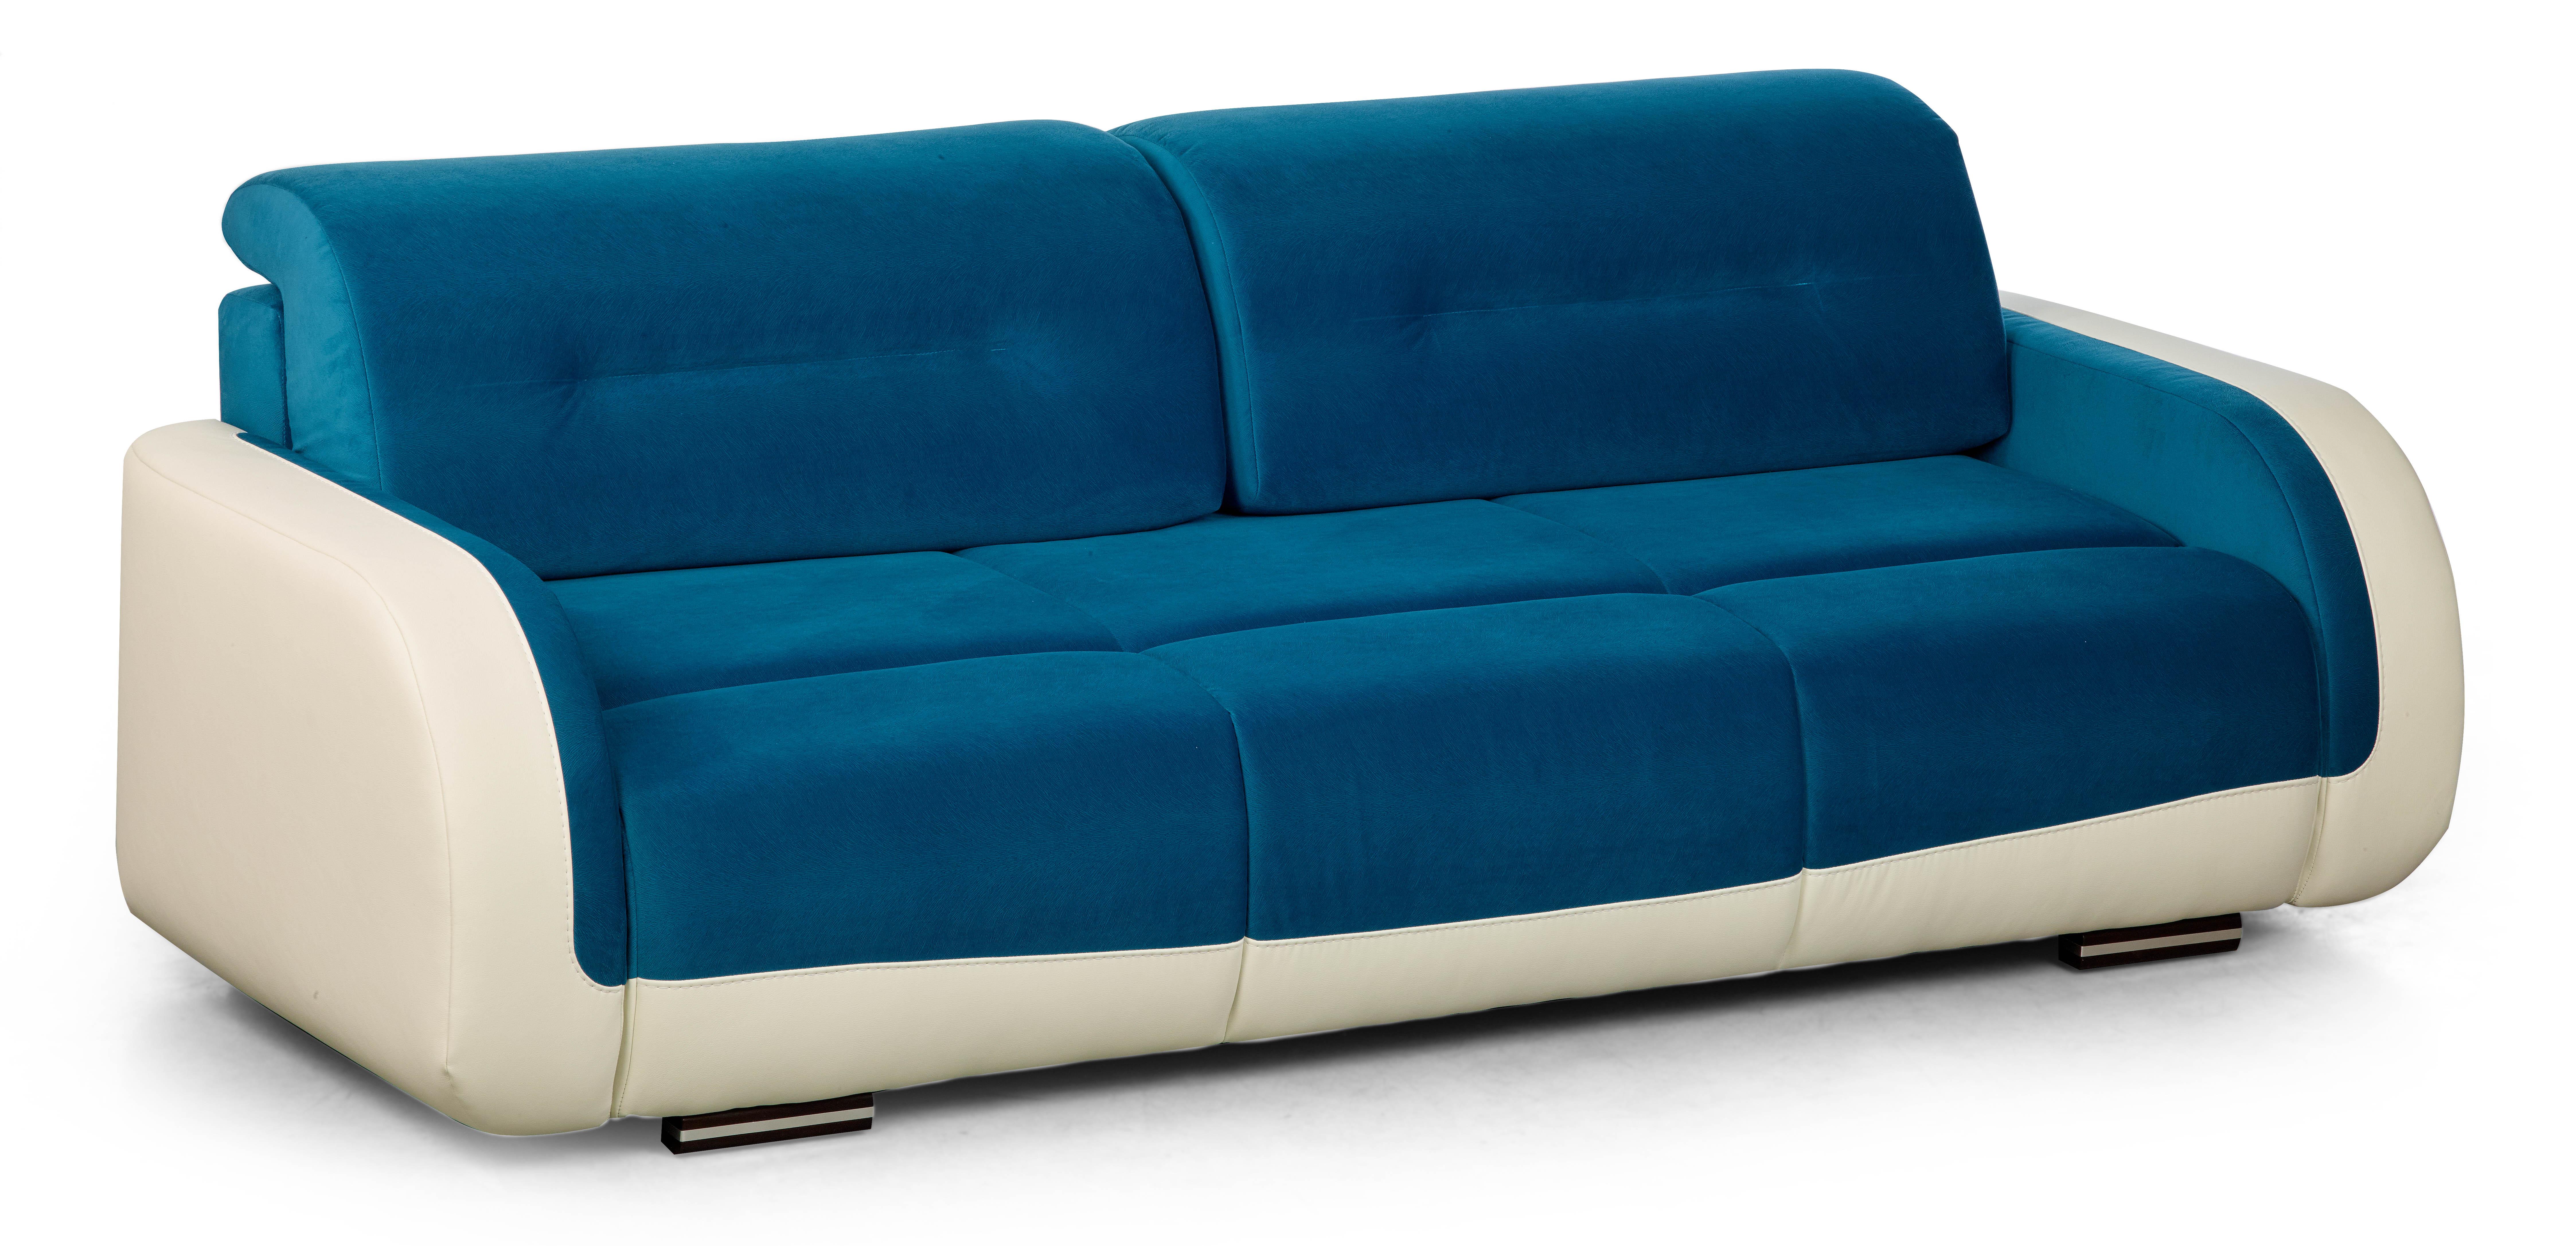 Canapea extensibila Korfu Blue